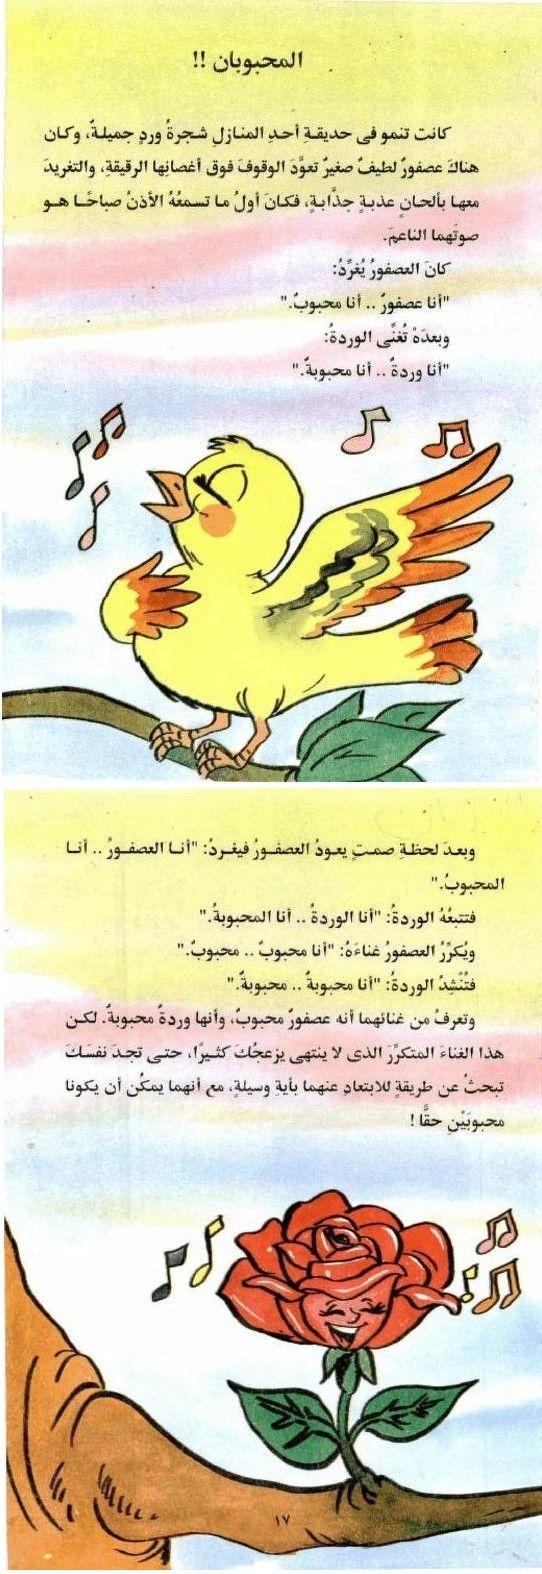 المطالعة المبهجة زهرات من الوادي الخصيب و بقايا الورقات الخضر في الشجرة الجرداء Short Stories For Kids Stories For Kids Autism Activities